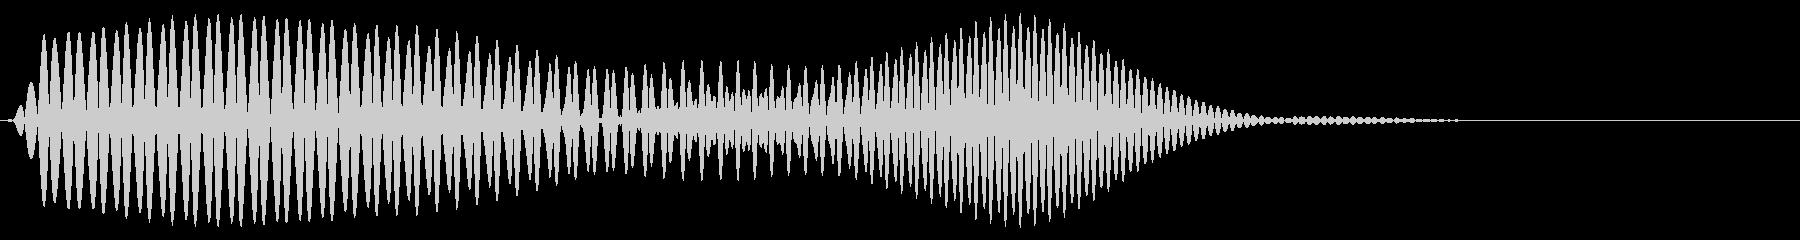 レトロでちょっぴり可愛らしいボタン音01の未再生の波形